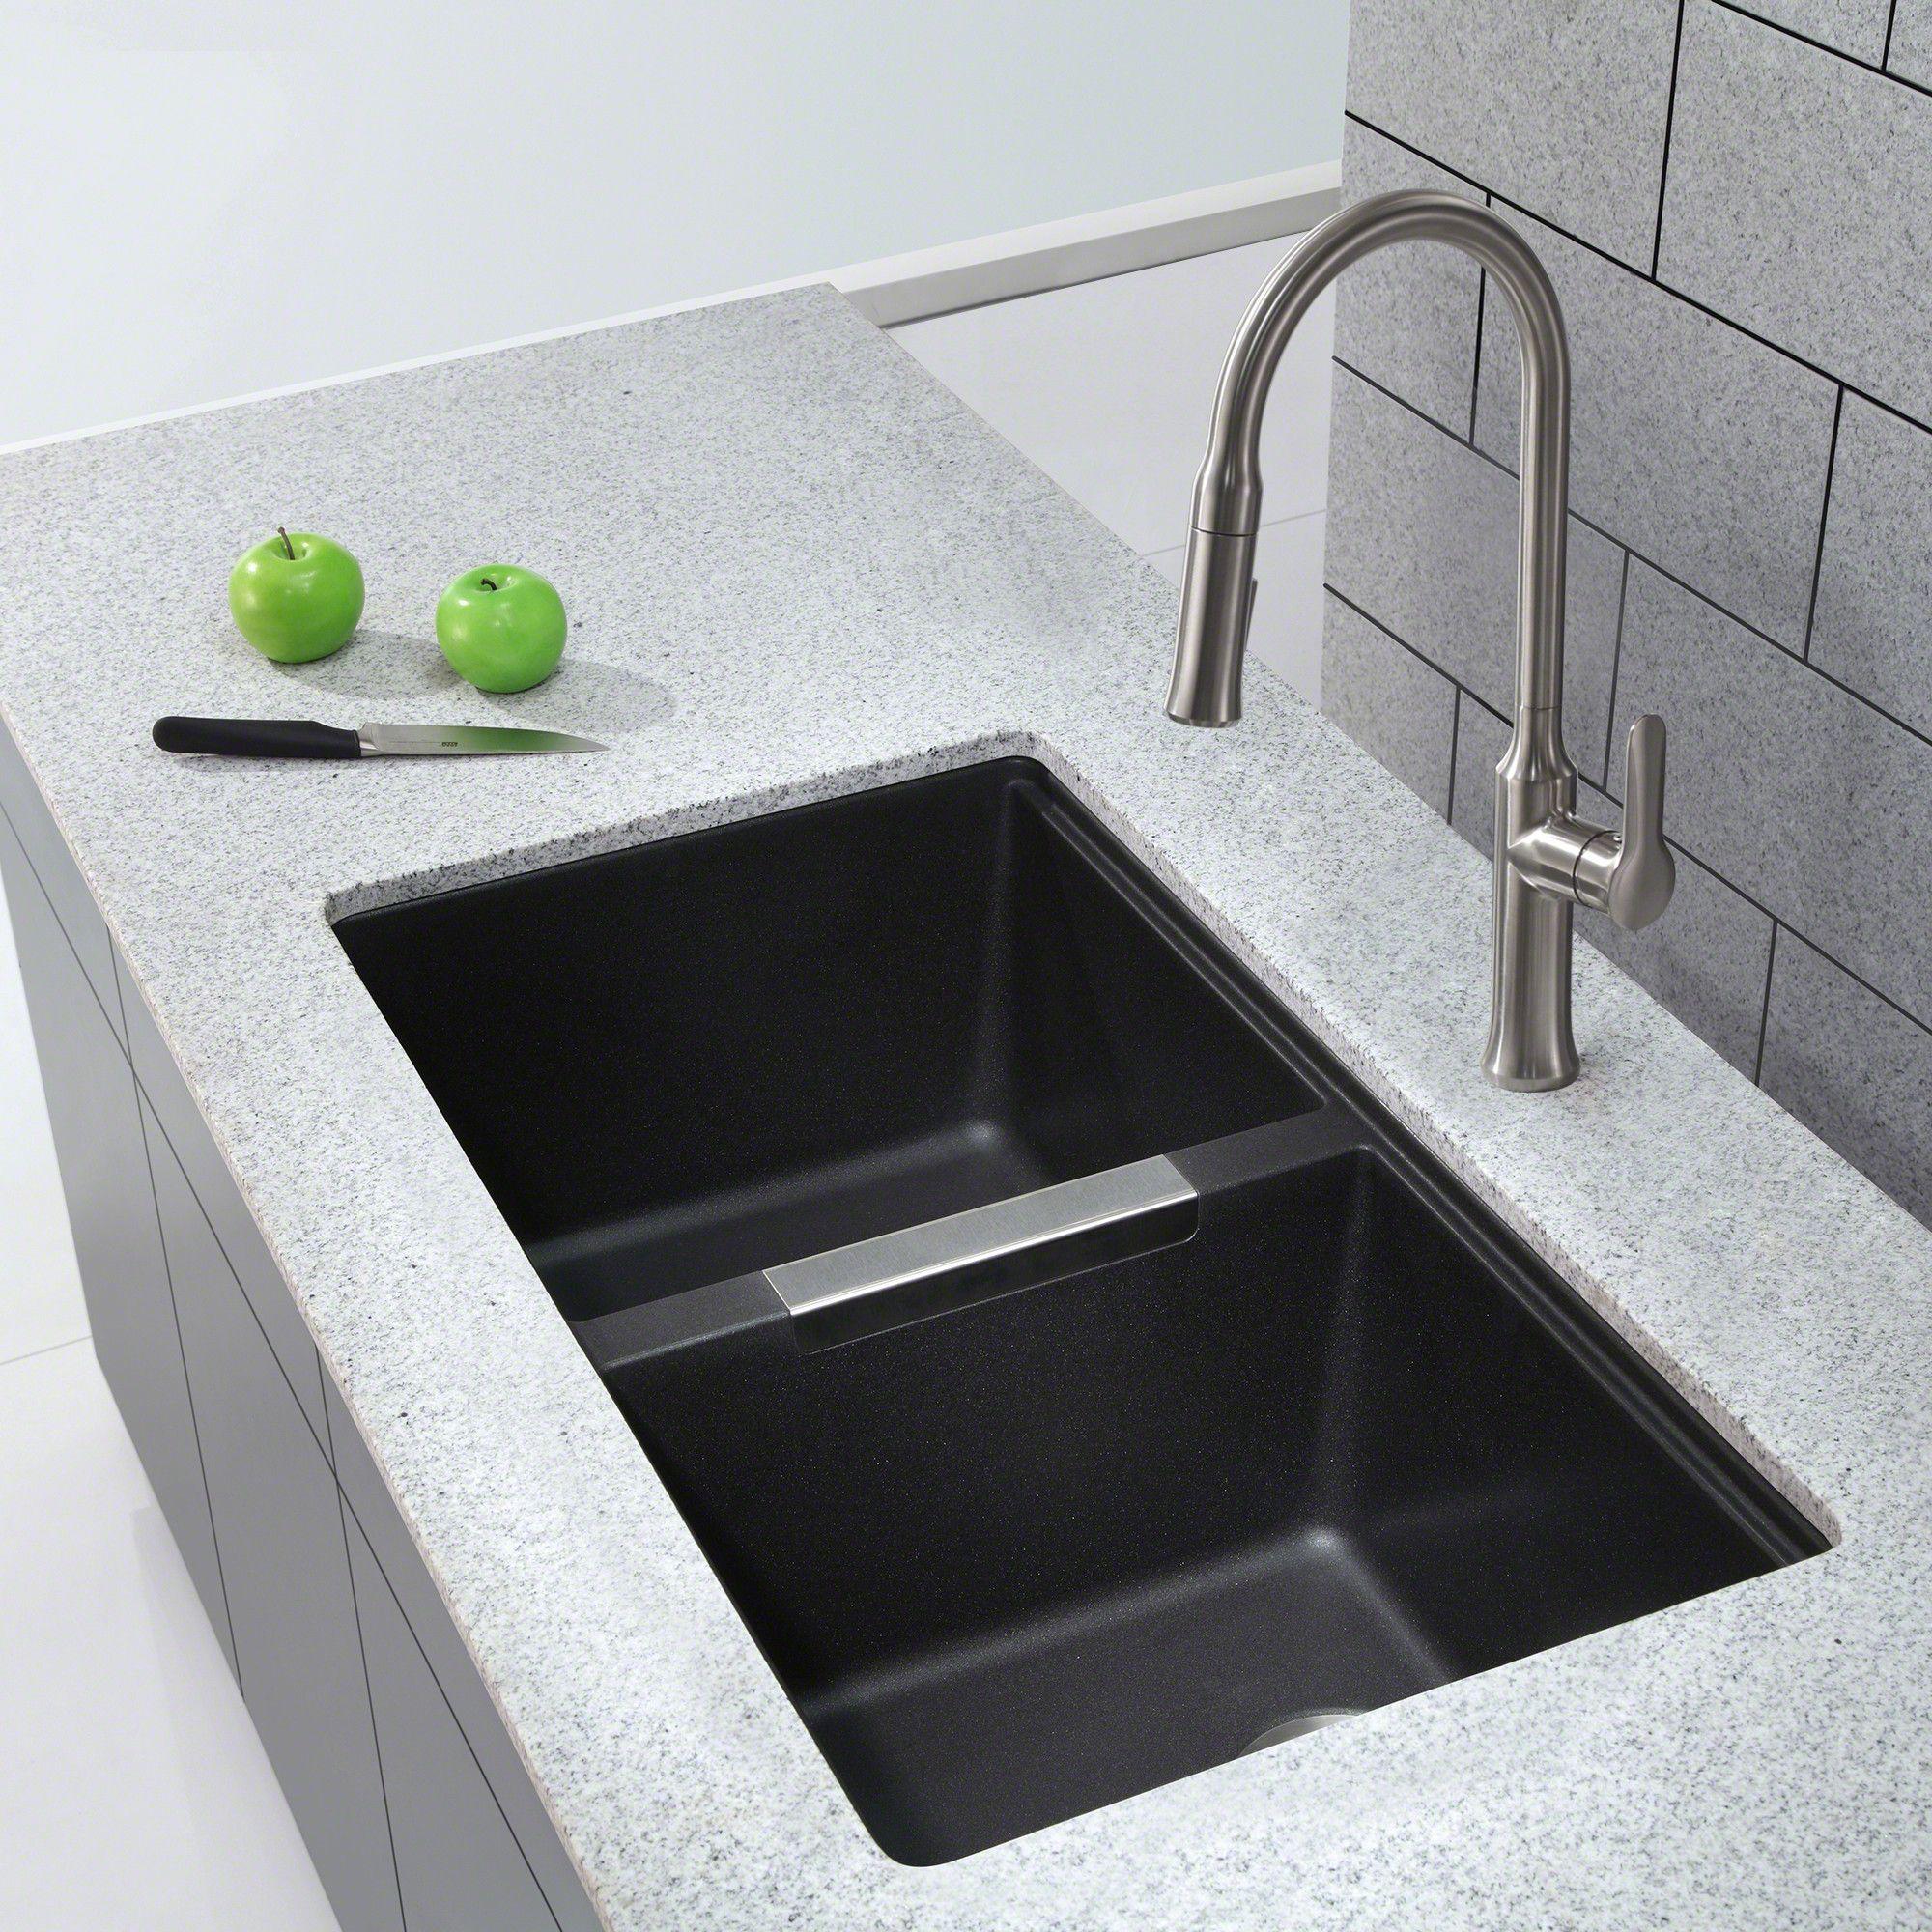 Best Undermount Kitchen Sink 2019 Undermount Kitchen Sinks Best